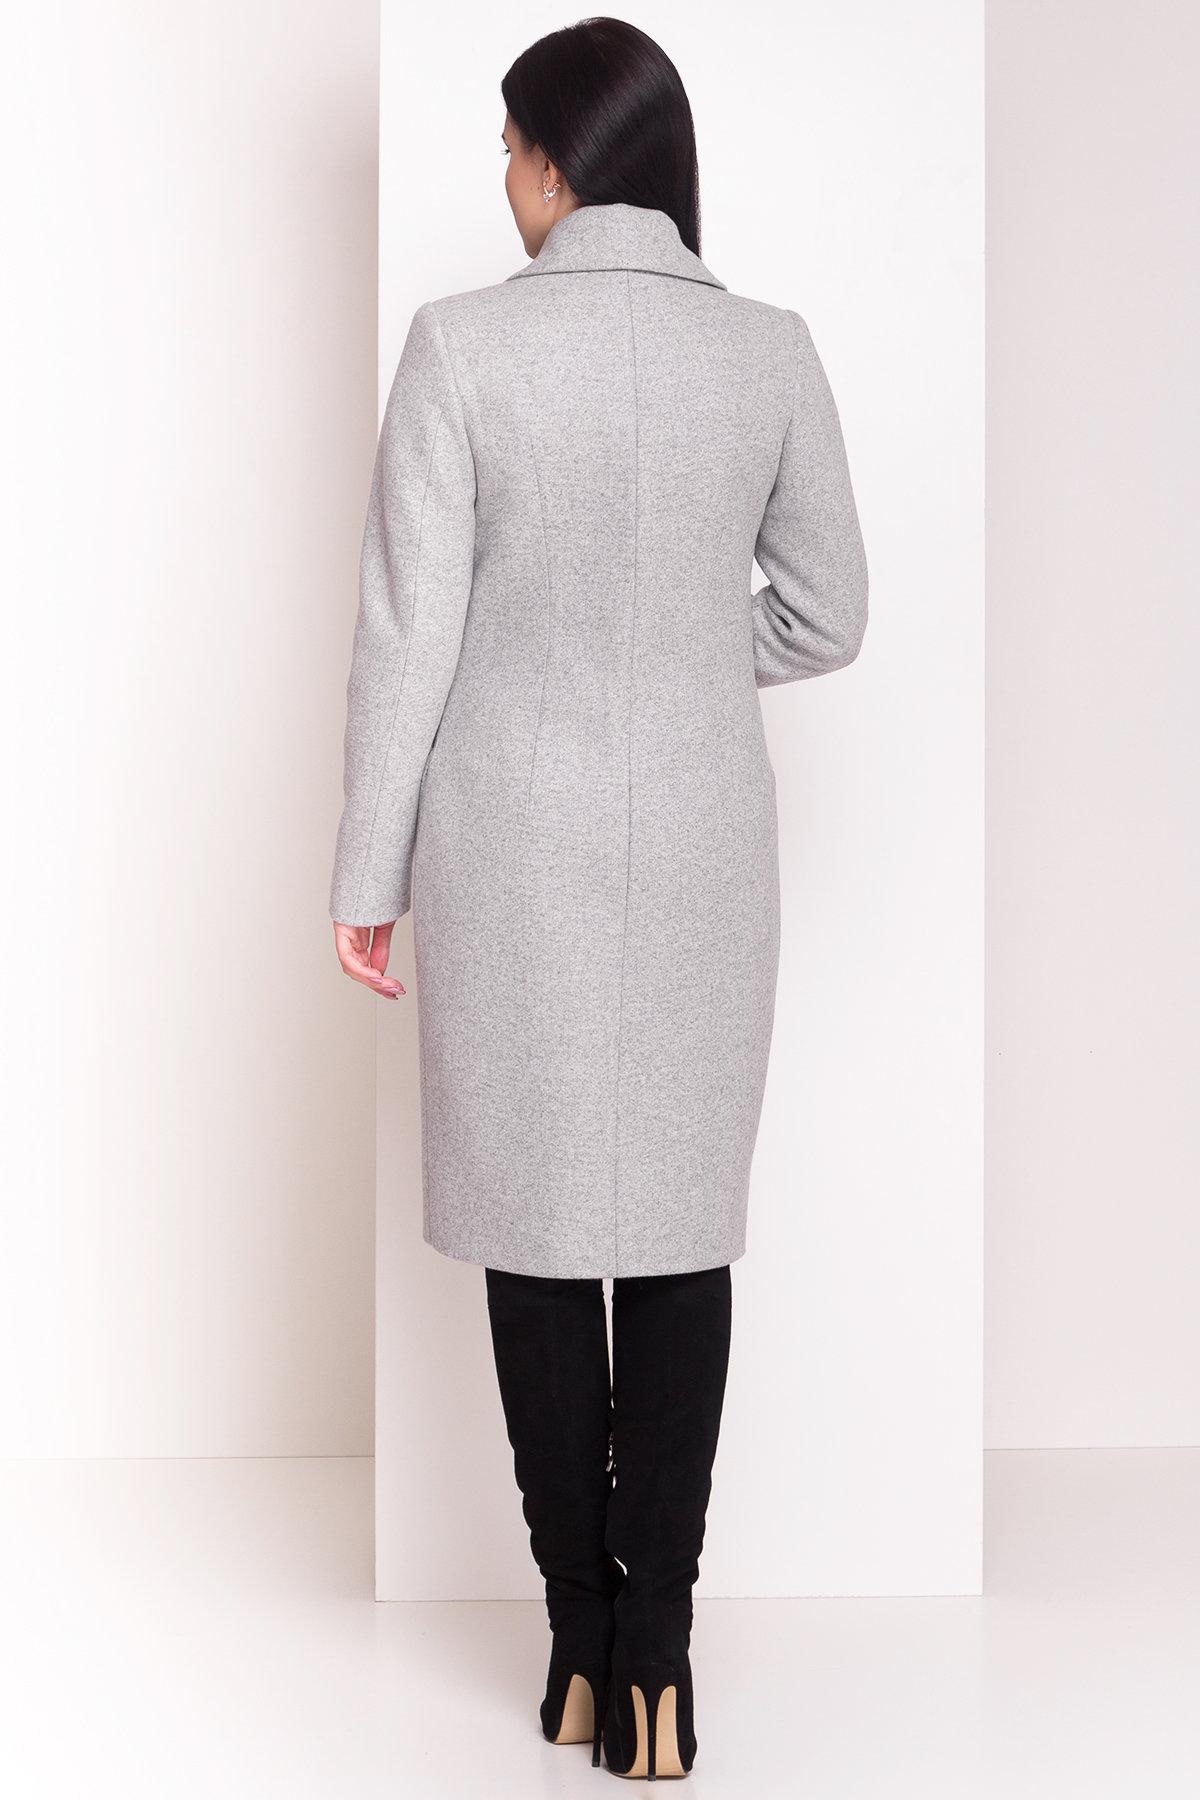 Пальто зима Габриэлла 4360 Цвет: Серый Светлый